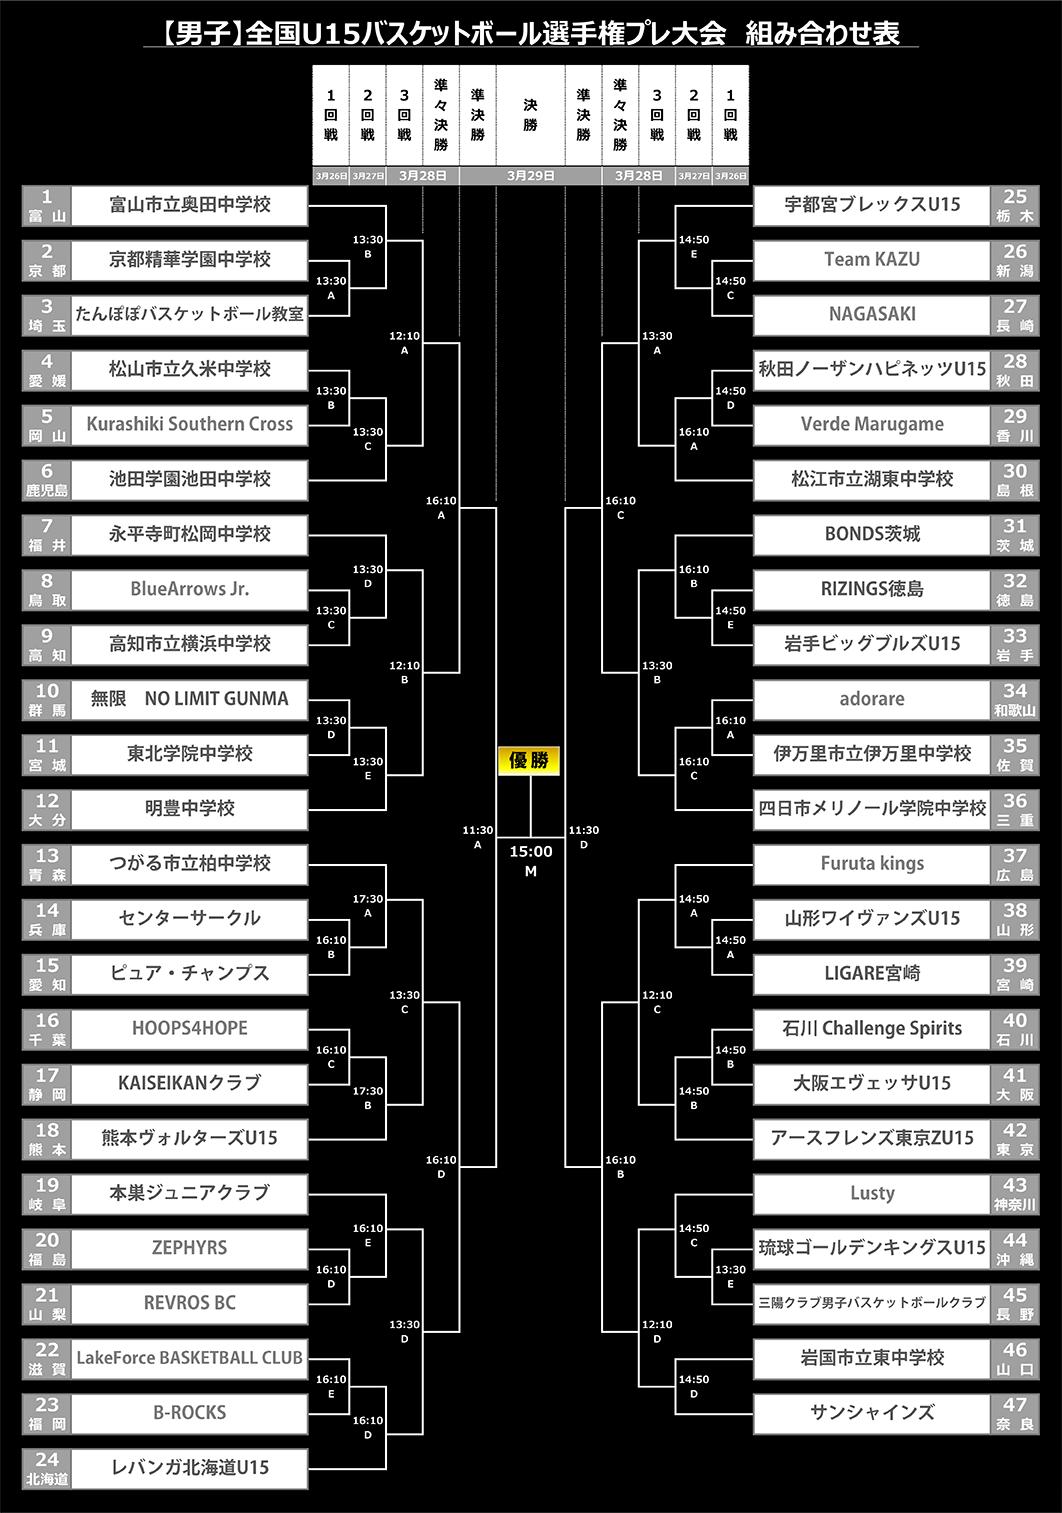 トーナメント表(男子)